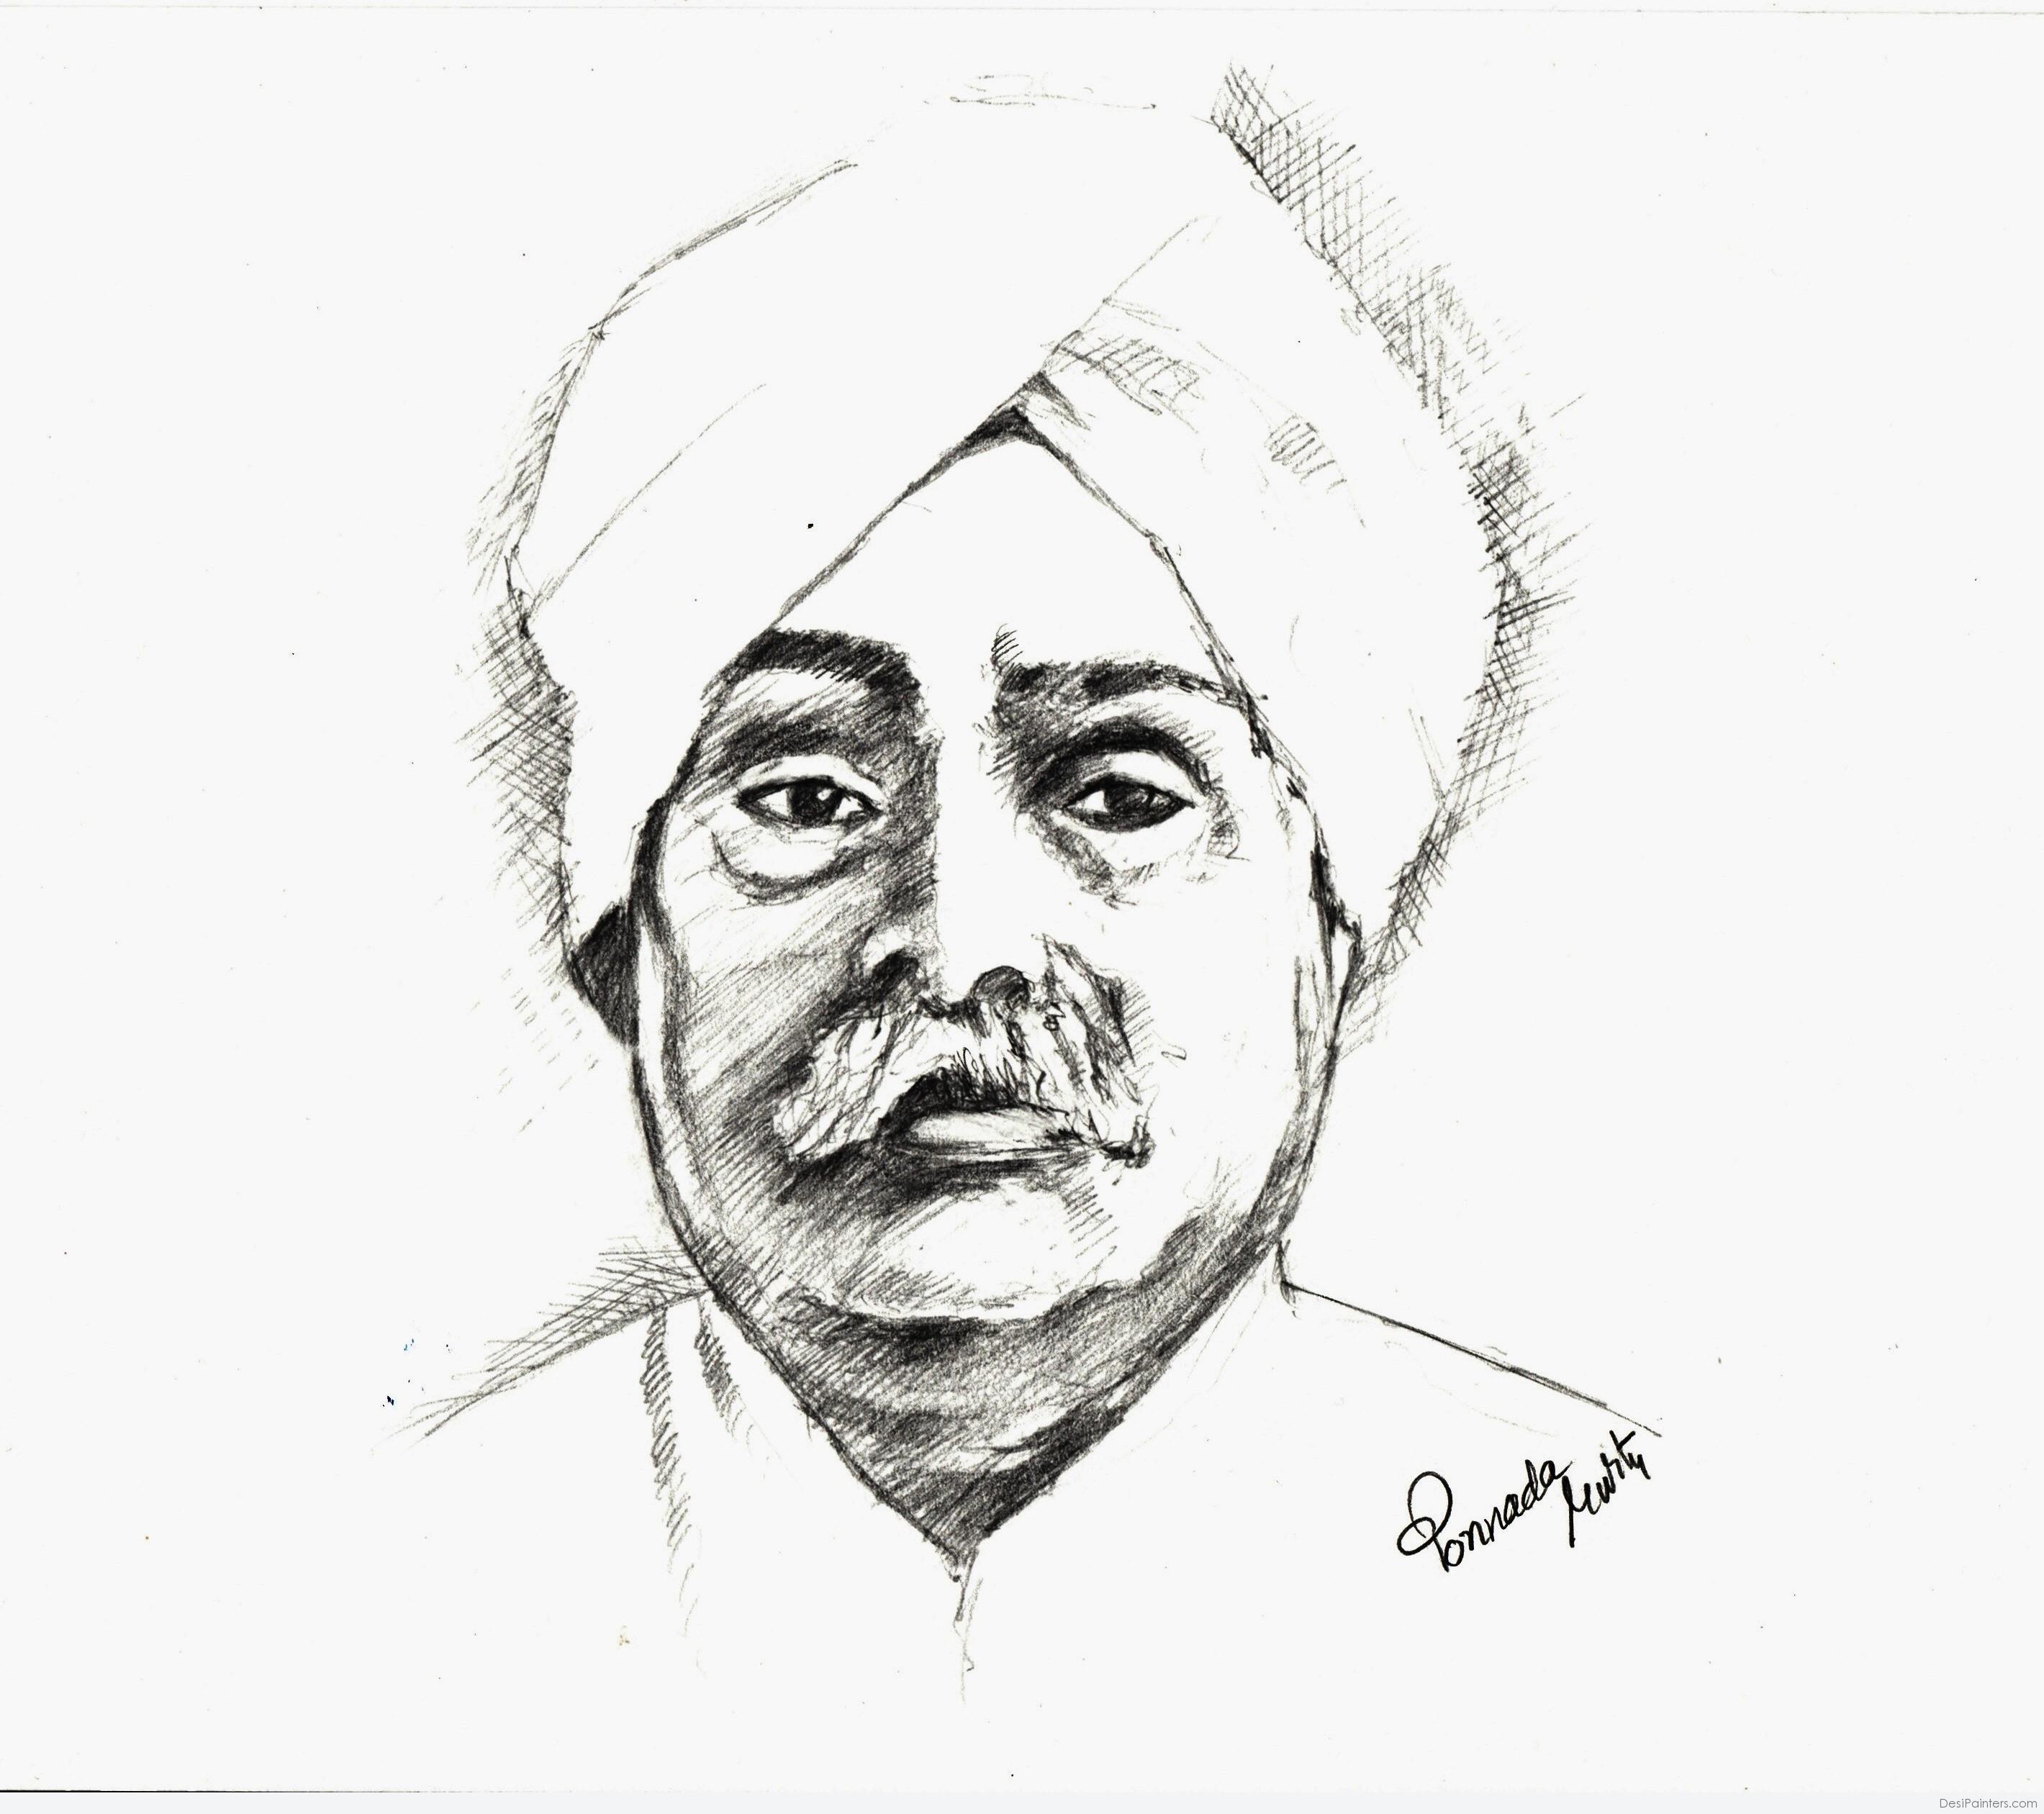 2840x2521 Pencil Portrait Indian Freedom Fighter Pencil Portrait